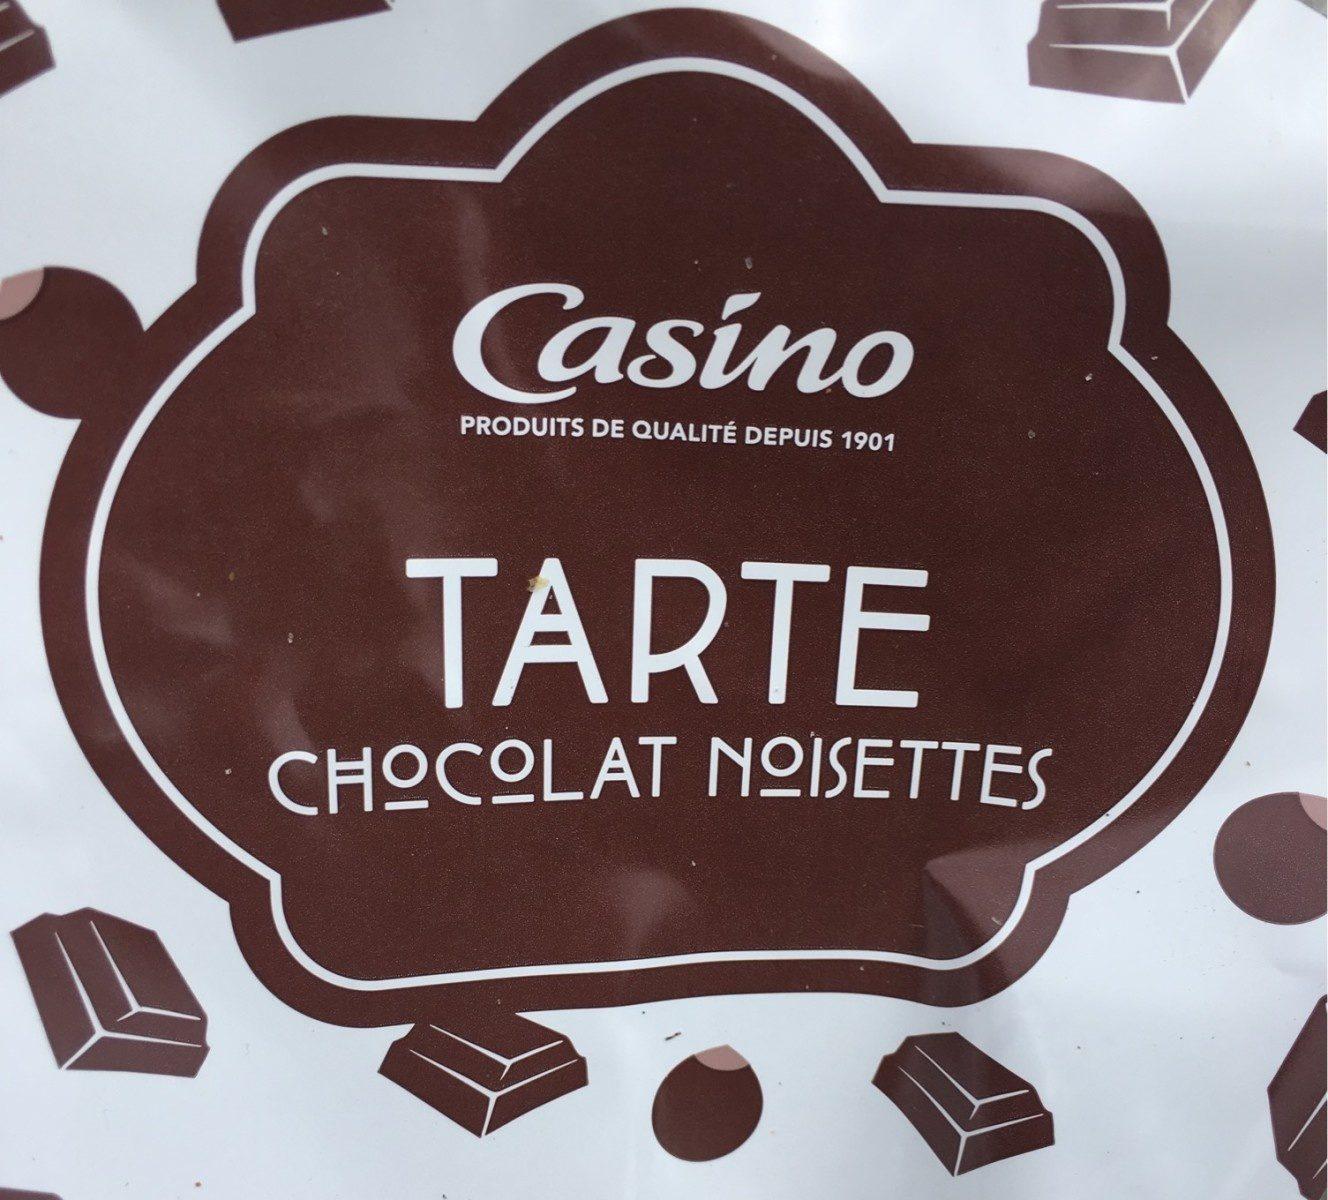 Tarte noisettes chocolat - Product - fr